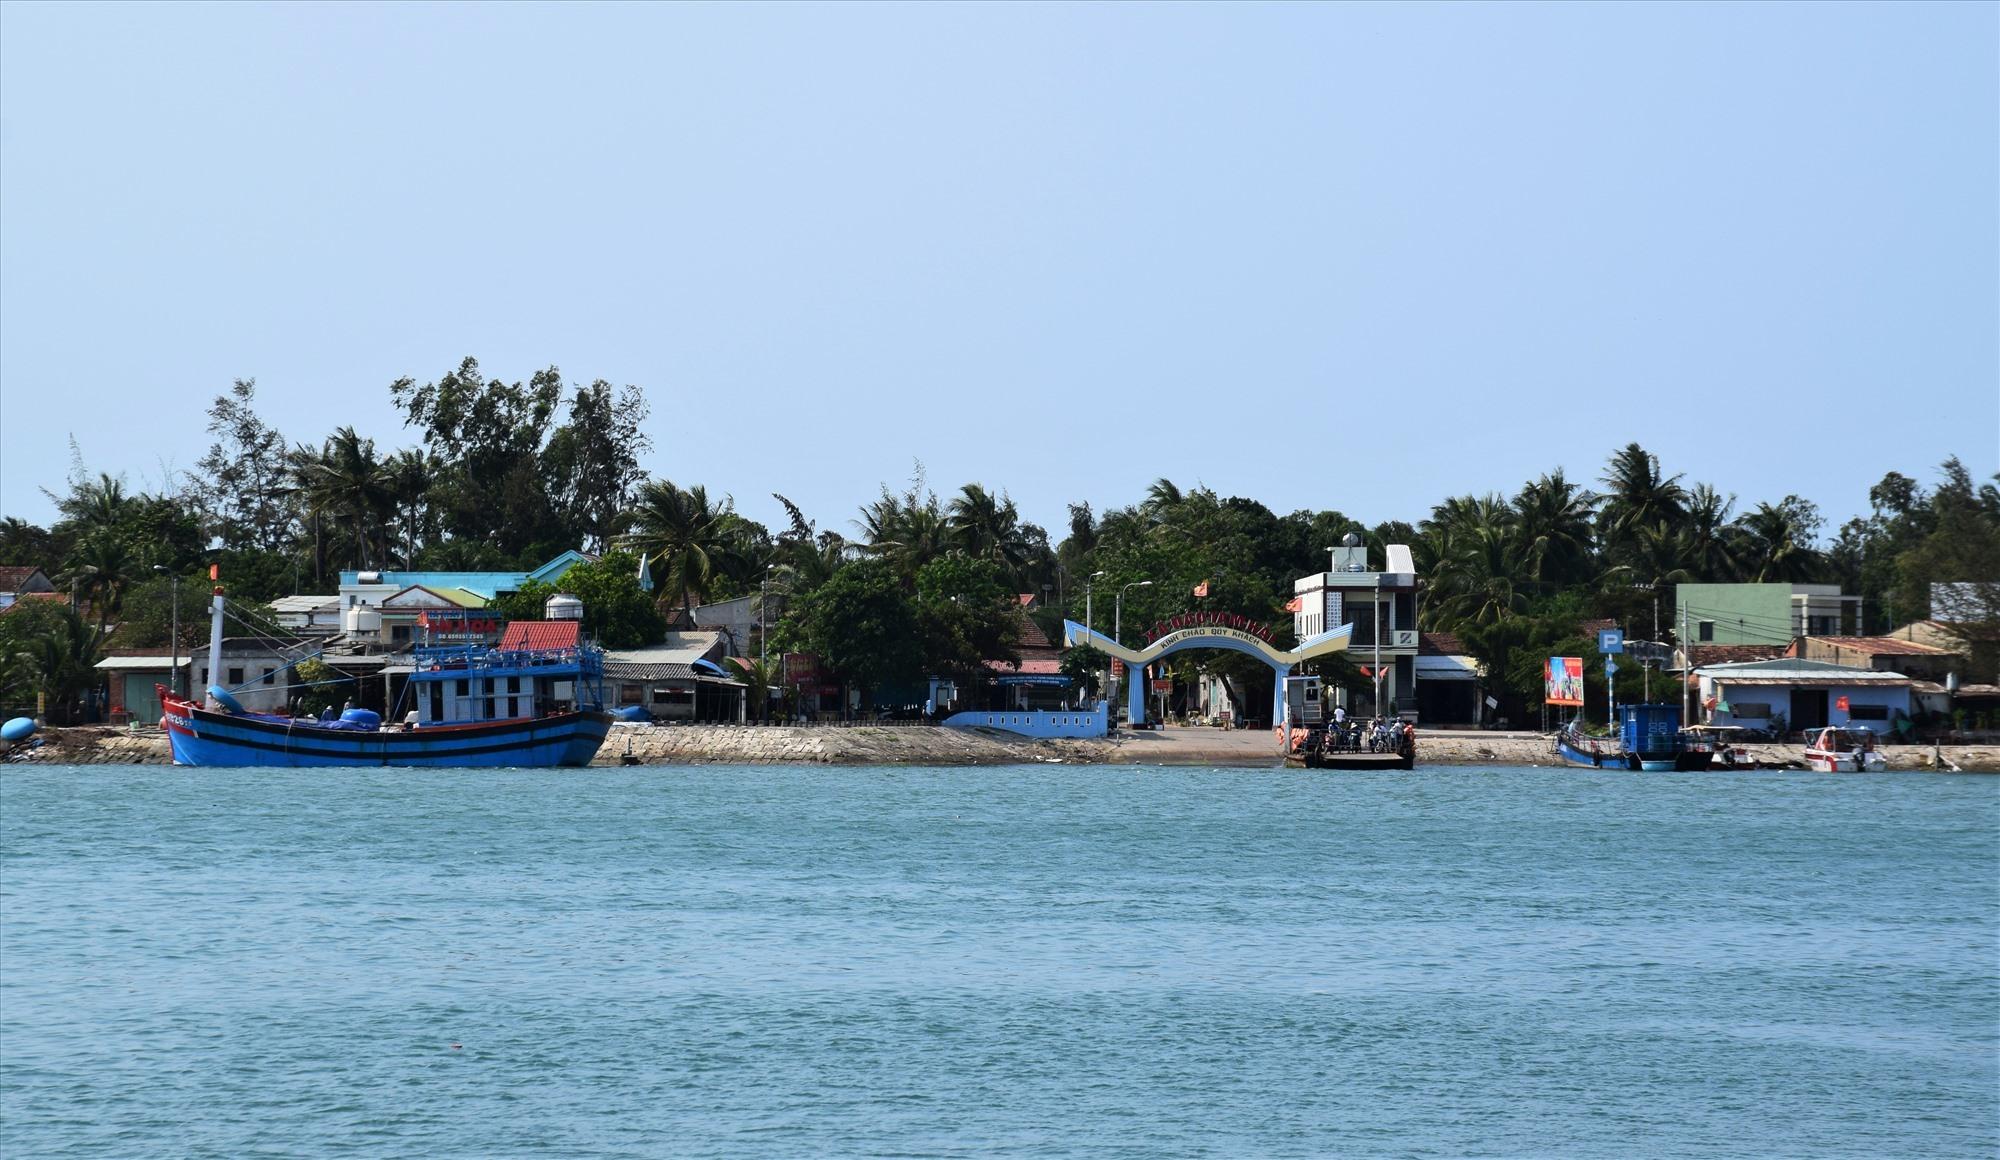 Từ 0 giờ ngày 1.4 sẽ tạm dừng các tuyến phà khách qua xã đảo Tam Hải. Ảnh: THANH THẮNG